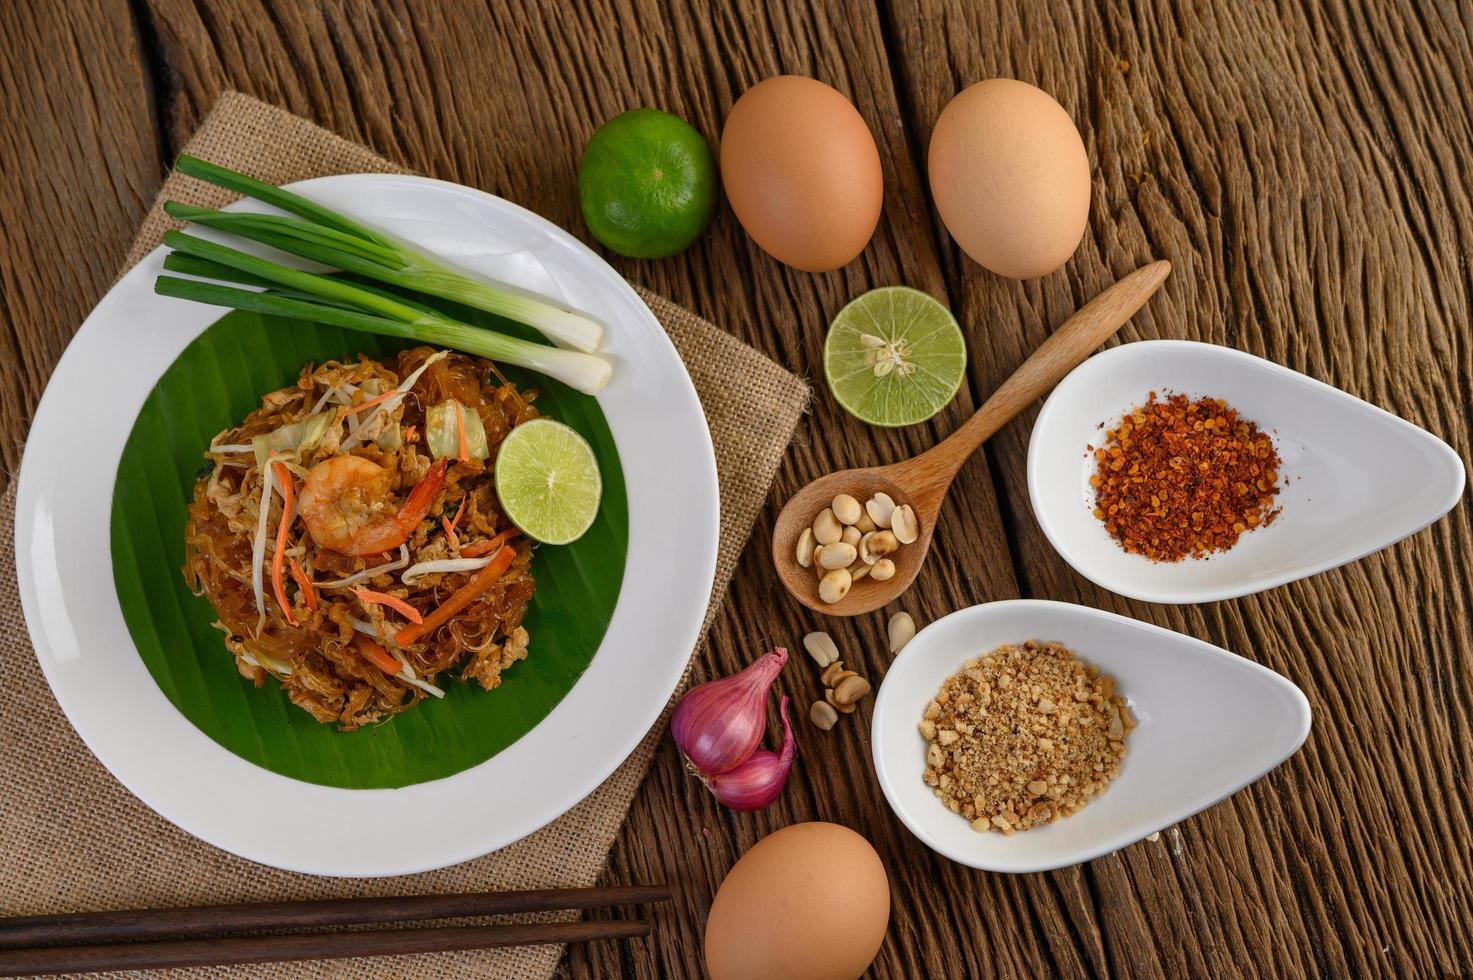 Pad thai crevettes dans un bol avec œufs, oignon nouveau et assaisonnements photo